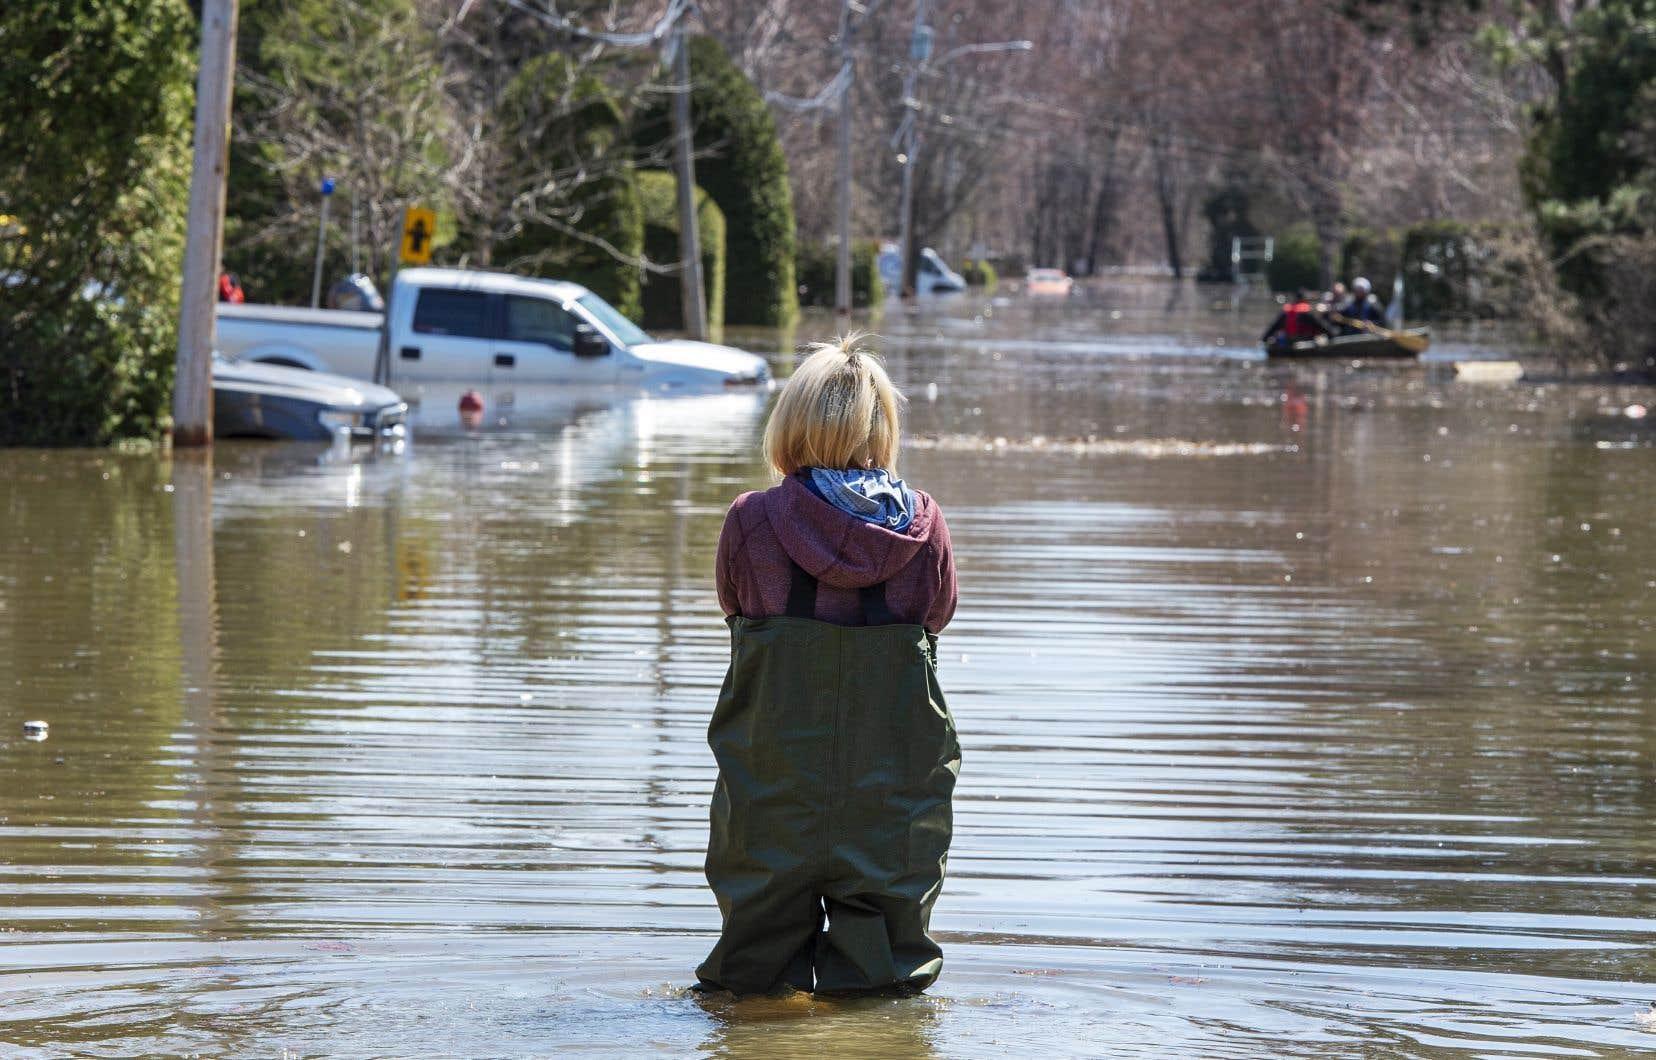 Une résidente de Sainte-Marthe-sur-le-Lac regarde la rue qu'elle habite envahie par l'eau.